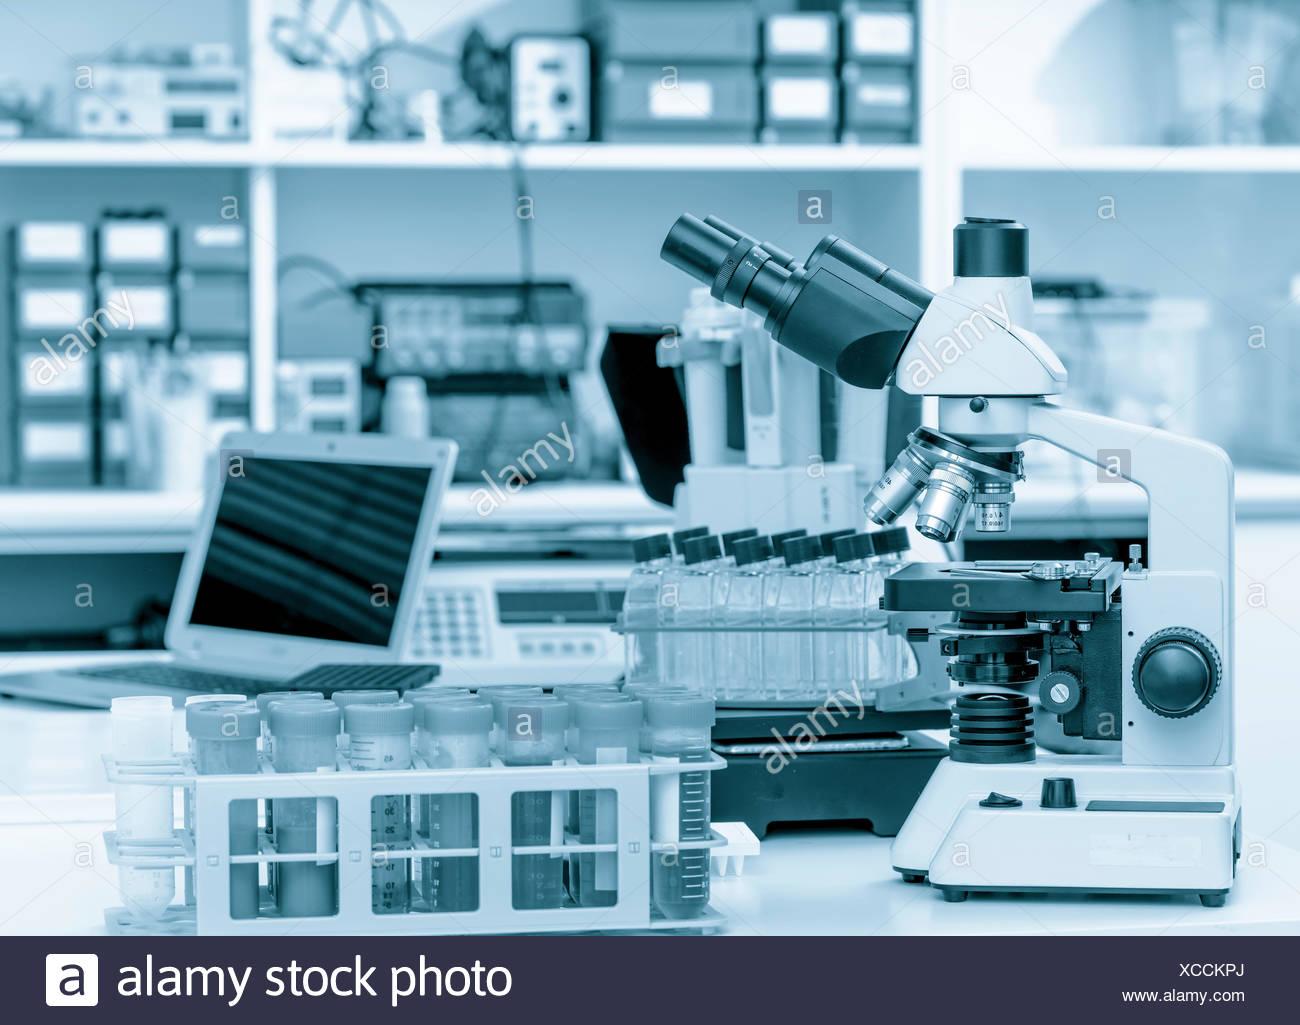 Scientific Equipment Stock Photos & Scientific Equipment